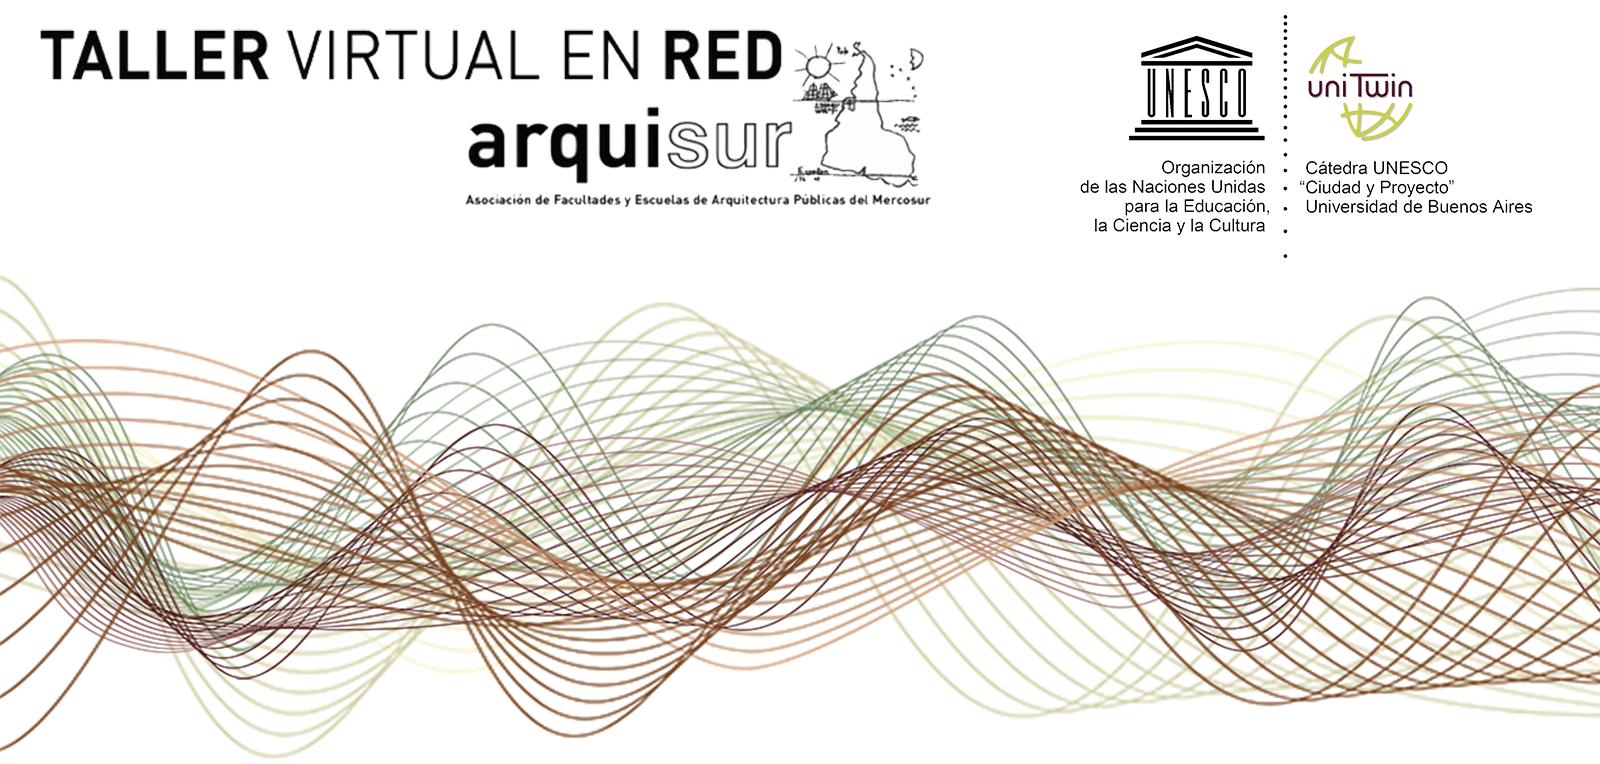 Taller Virtual en Red Arquisur 2021